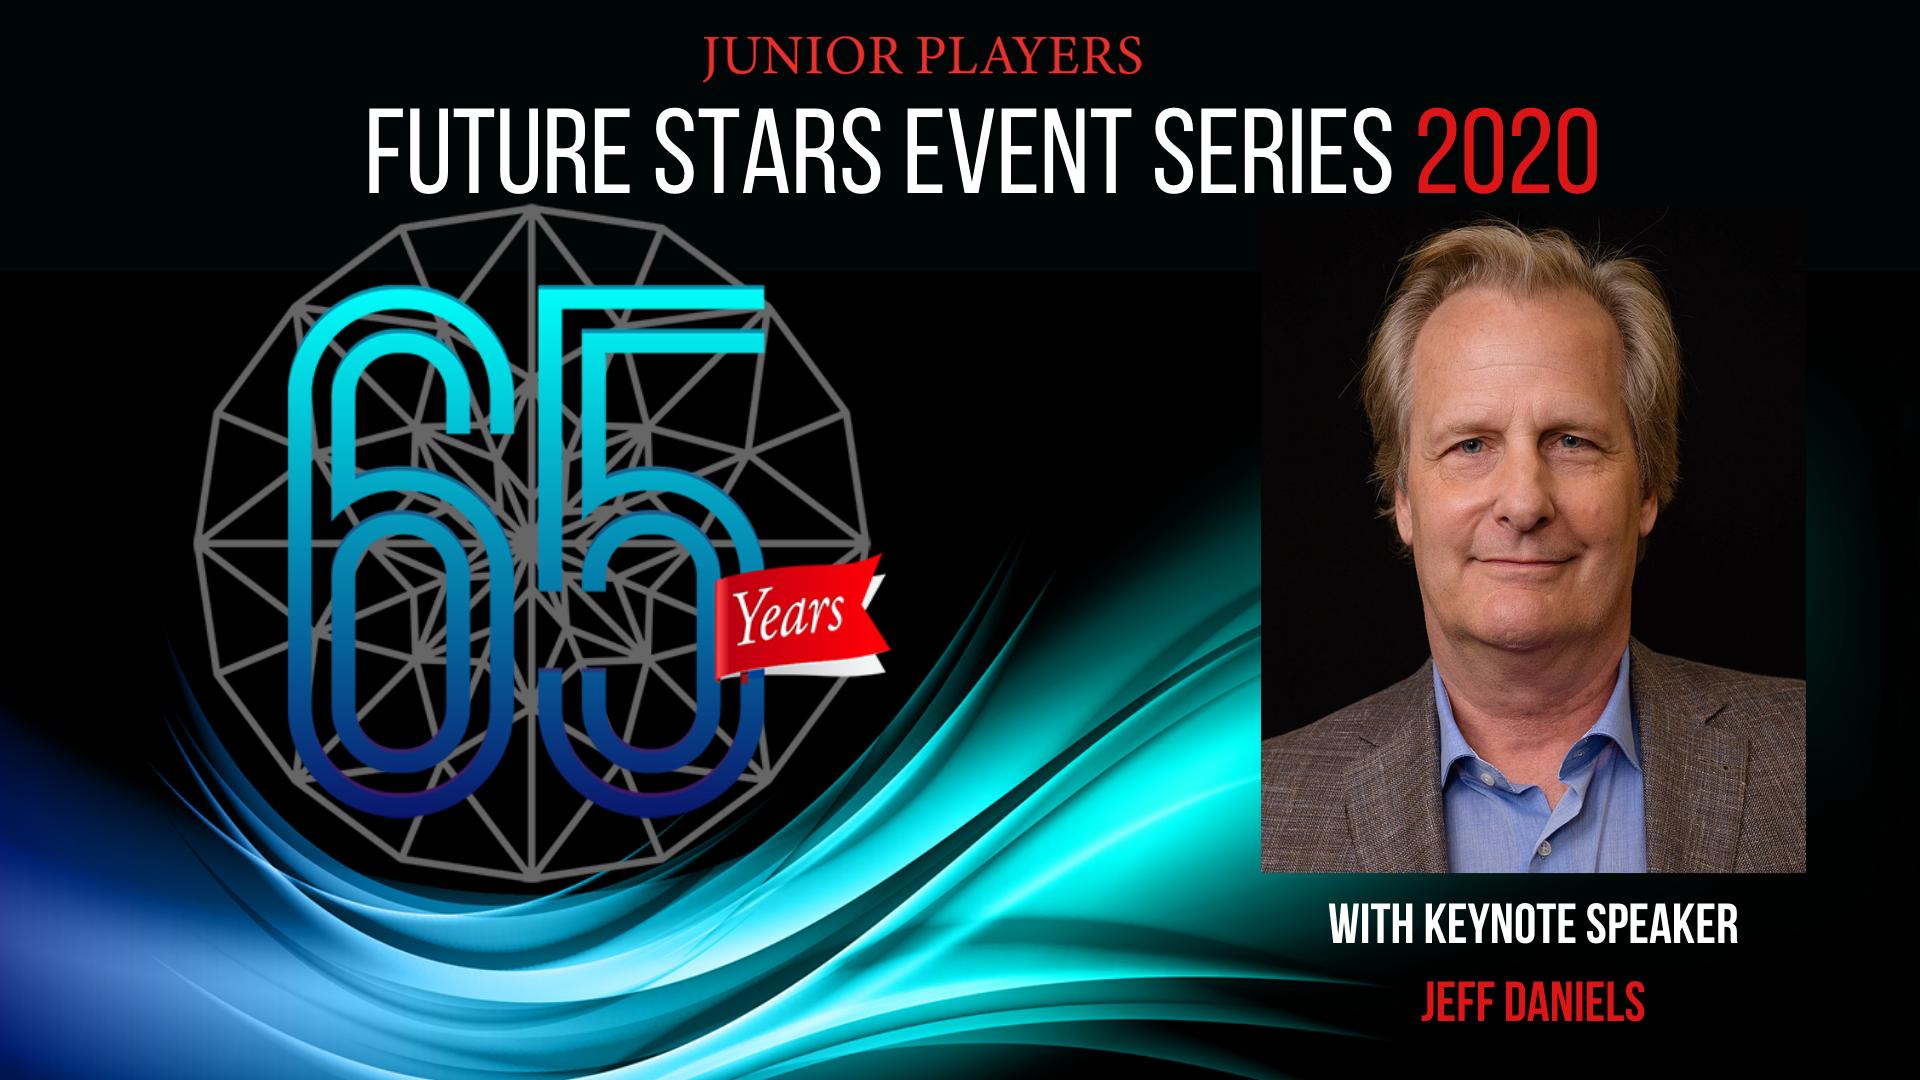 Future Stars Event Series Featuring Keynote Speaker Jeff Daniels